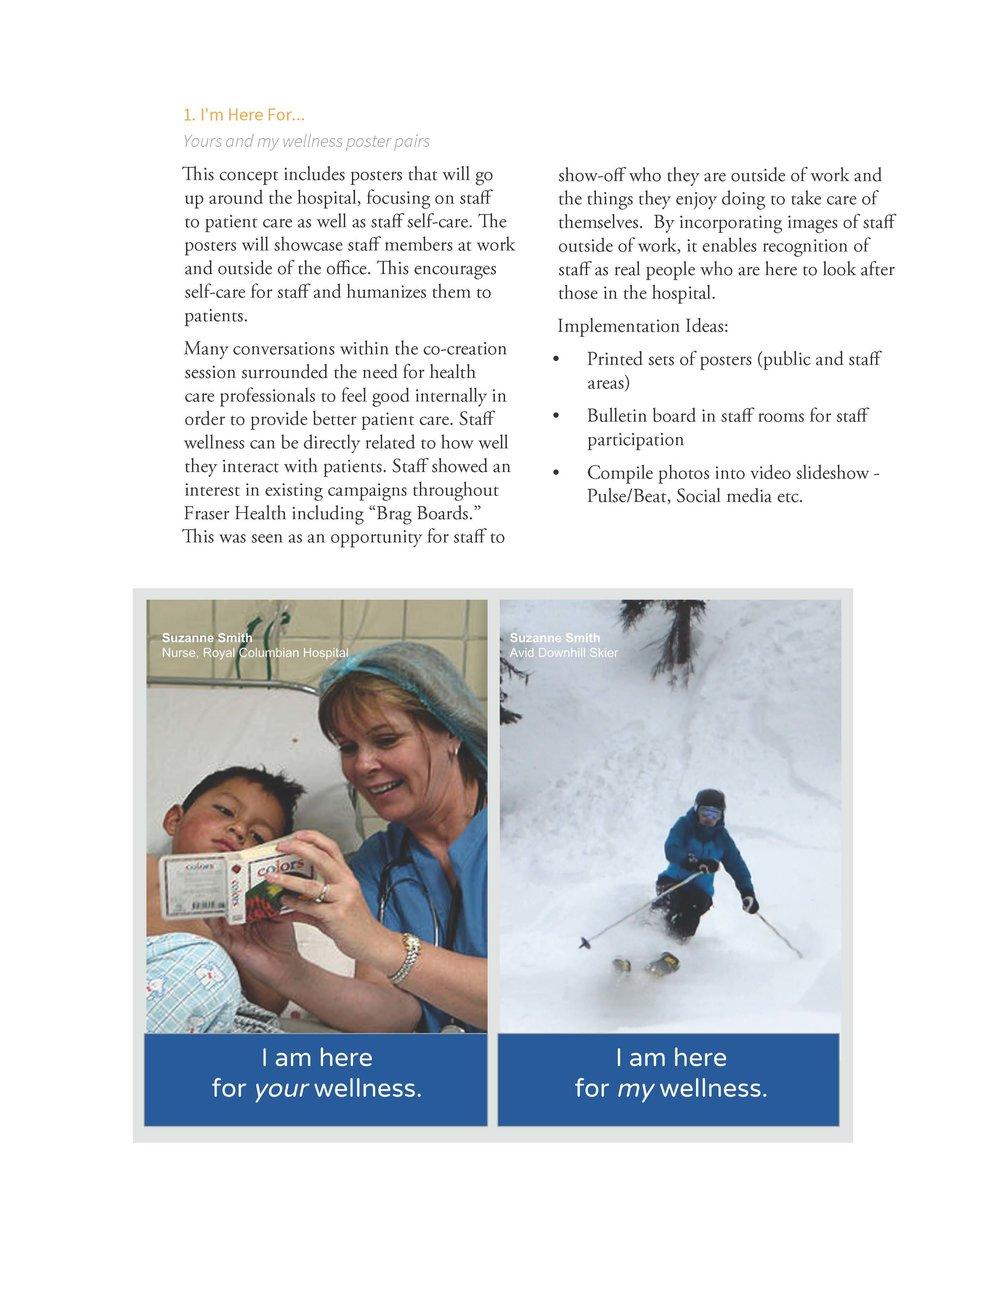 Copy of HDL_Fraser_Health_V4_Page_20.jpg